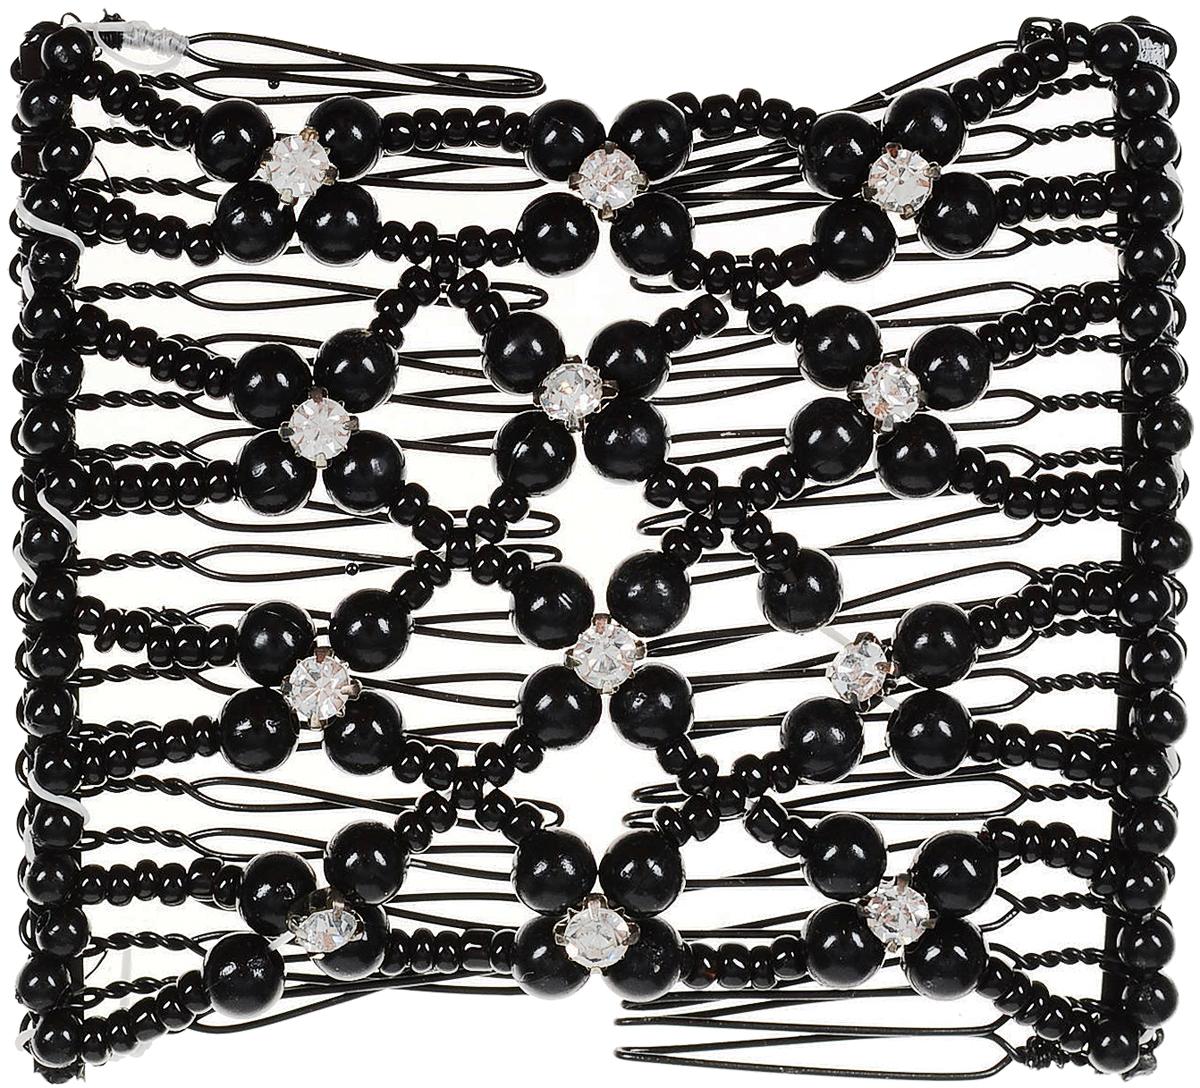 EZ-Combs Заколка Изи-Комбс, одинарная, цвет: черный. ЗИО_цветочки